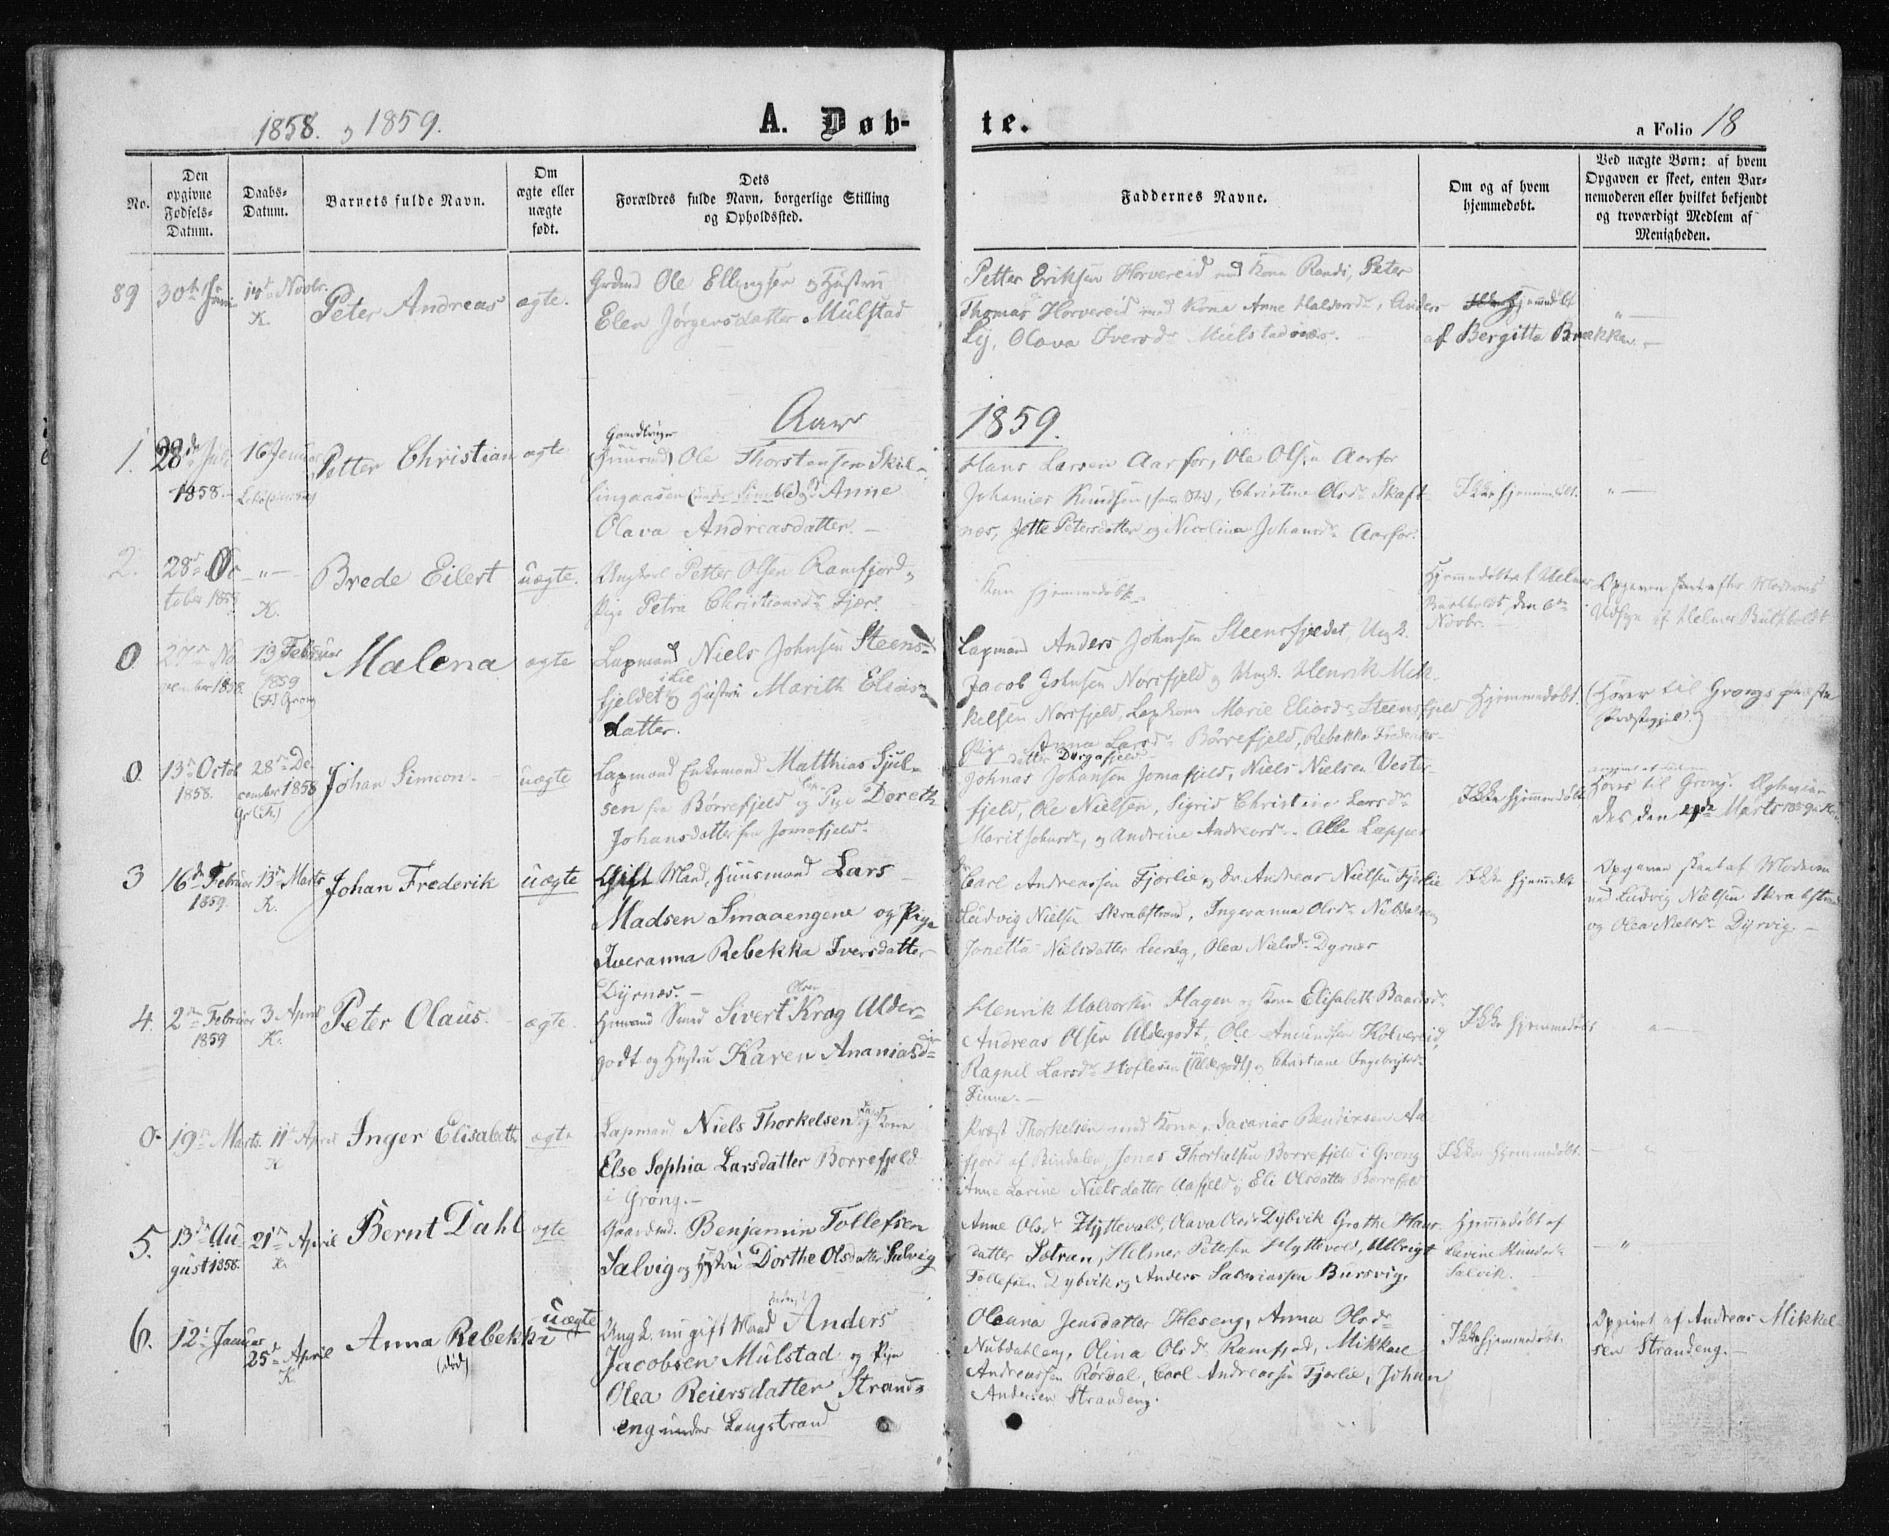 SAT, Ministerialprotokoller, klokkerbøker og fødselsregistre - Nord-Trøndelag, 780/L0641: Ministerialbok nr. 780A06, 1857-1874, s. 18